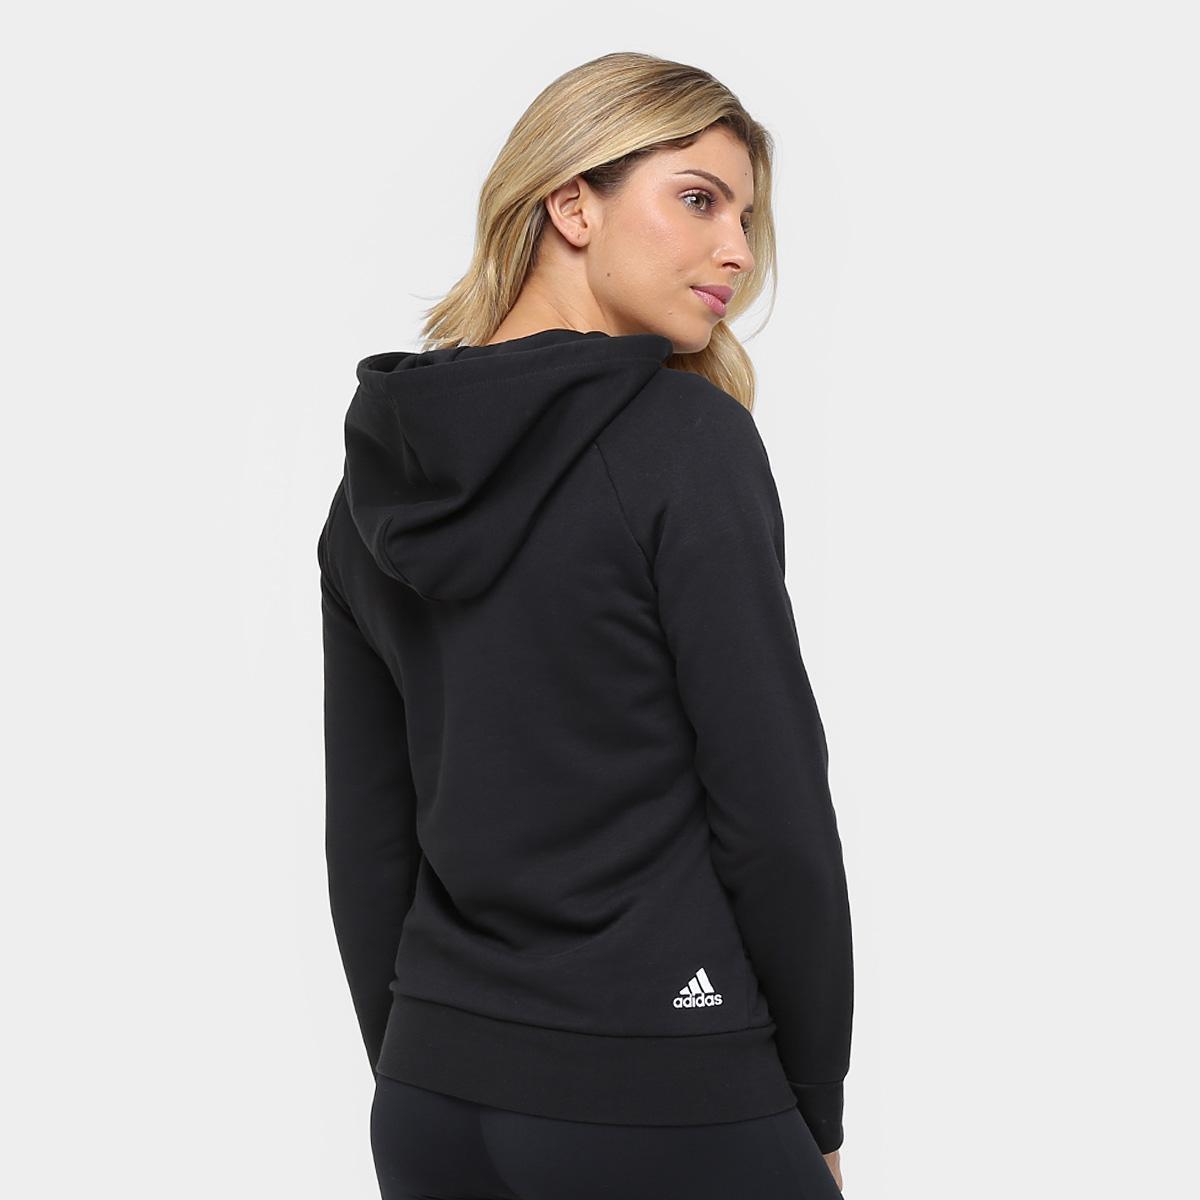 e92078d7e68 ... Foto 2 - Moletom Adidas Essentials Linear Over Head c  Capuz